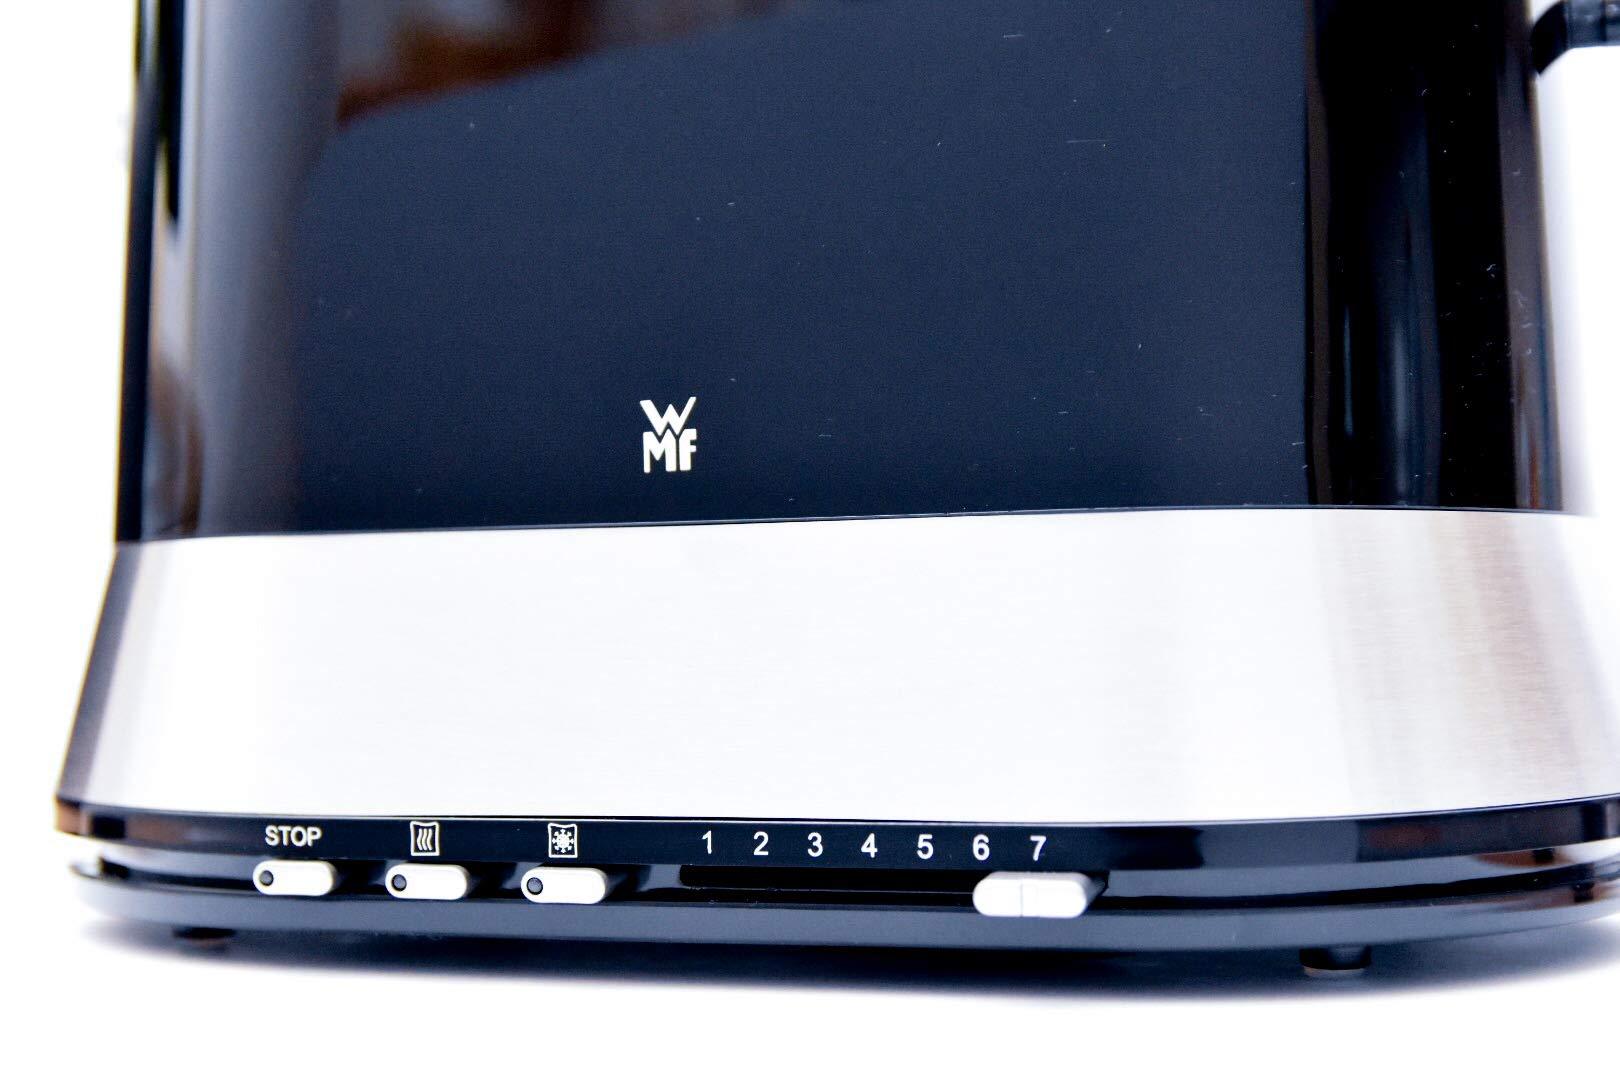 WMF-WMF3-Edition-Toaster-Doppelschlitz-Brunungsstufen-800-W-Schwarz-mit-Krmelschublade-Edelstahl-20